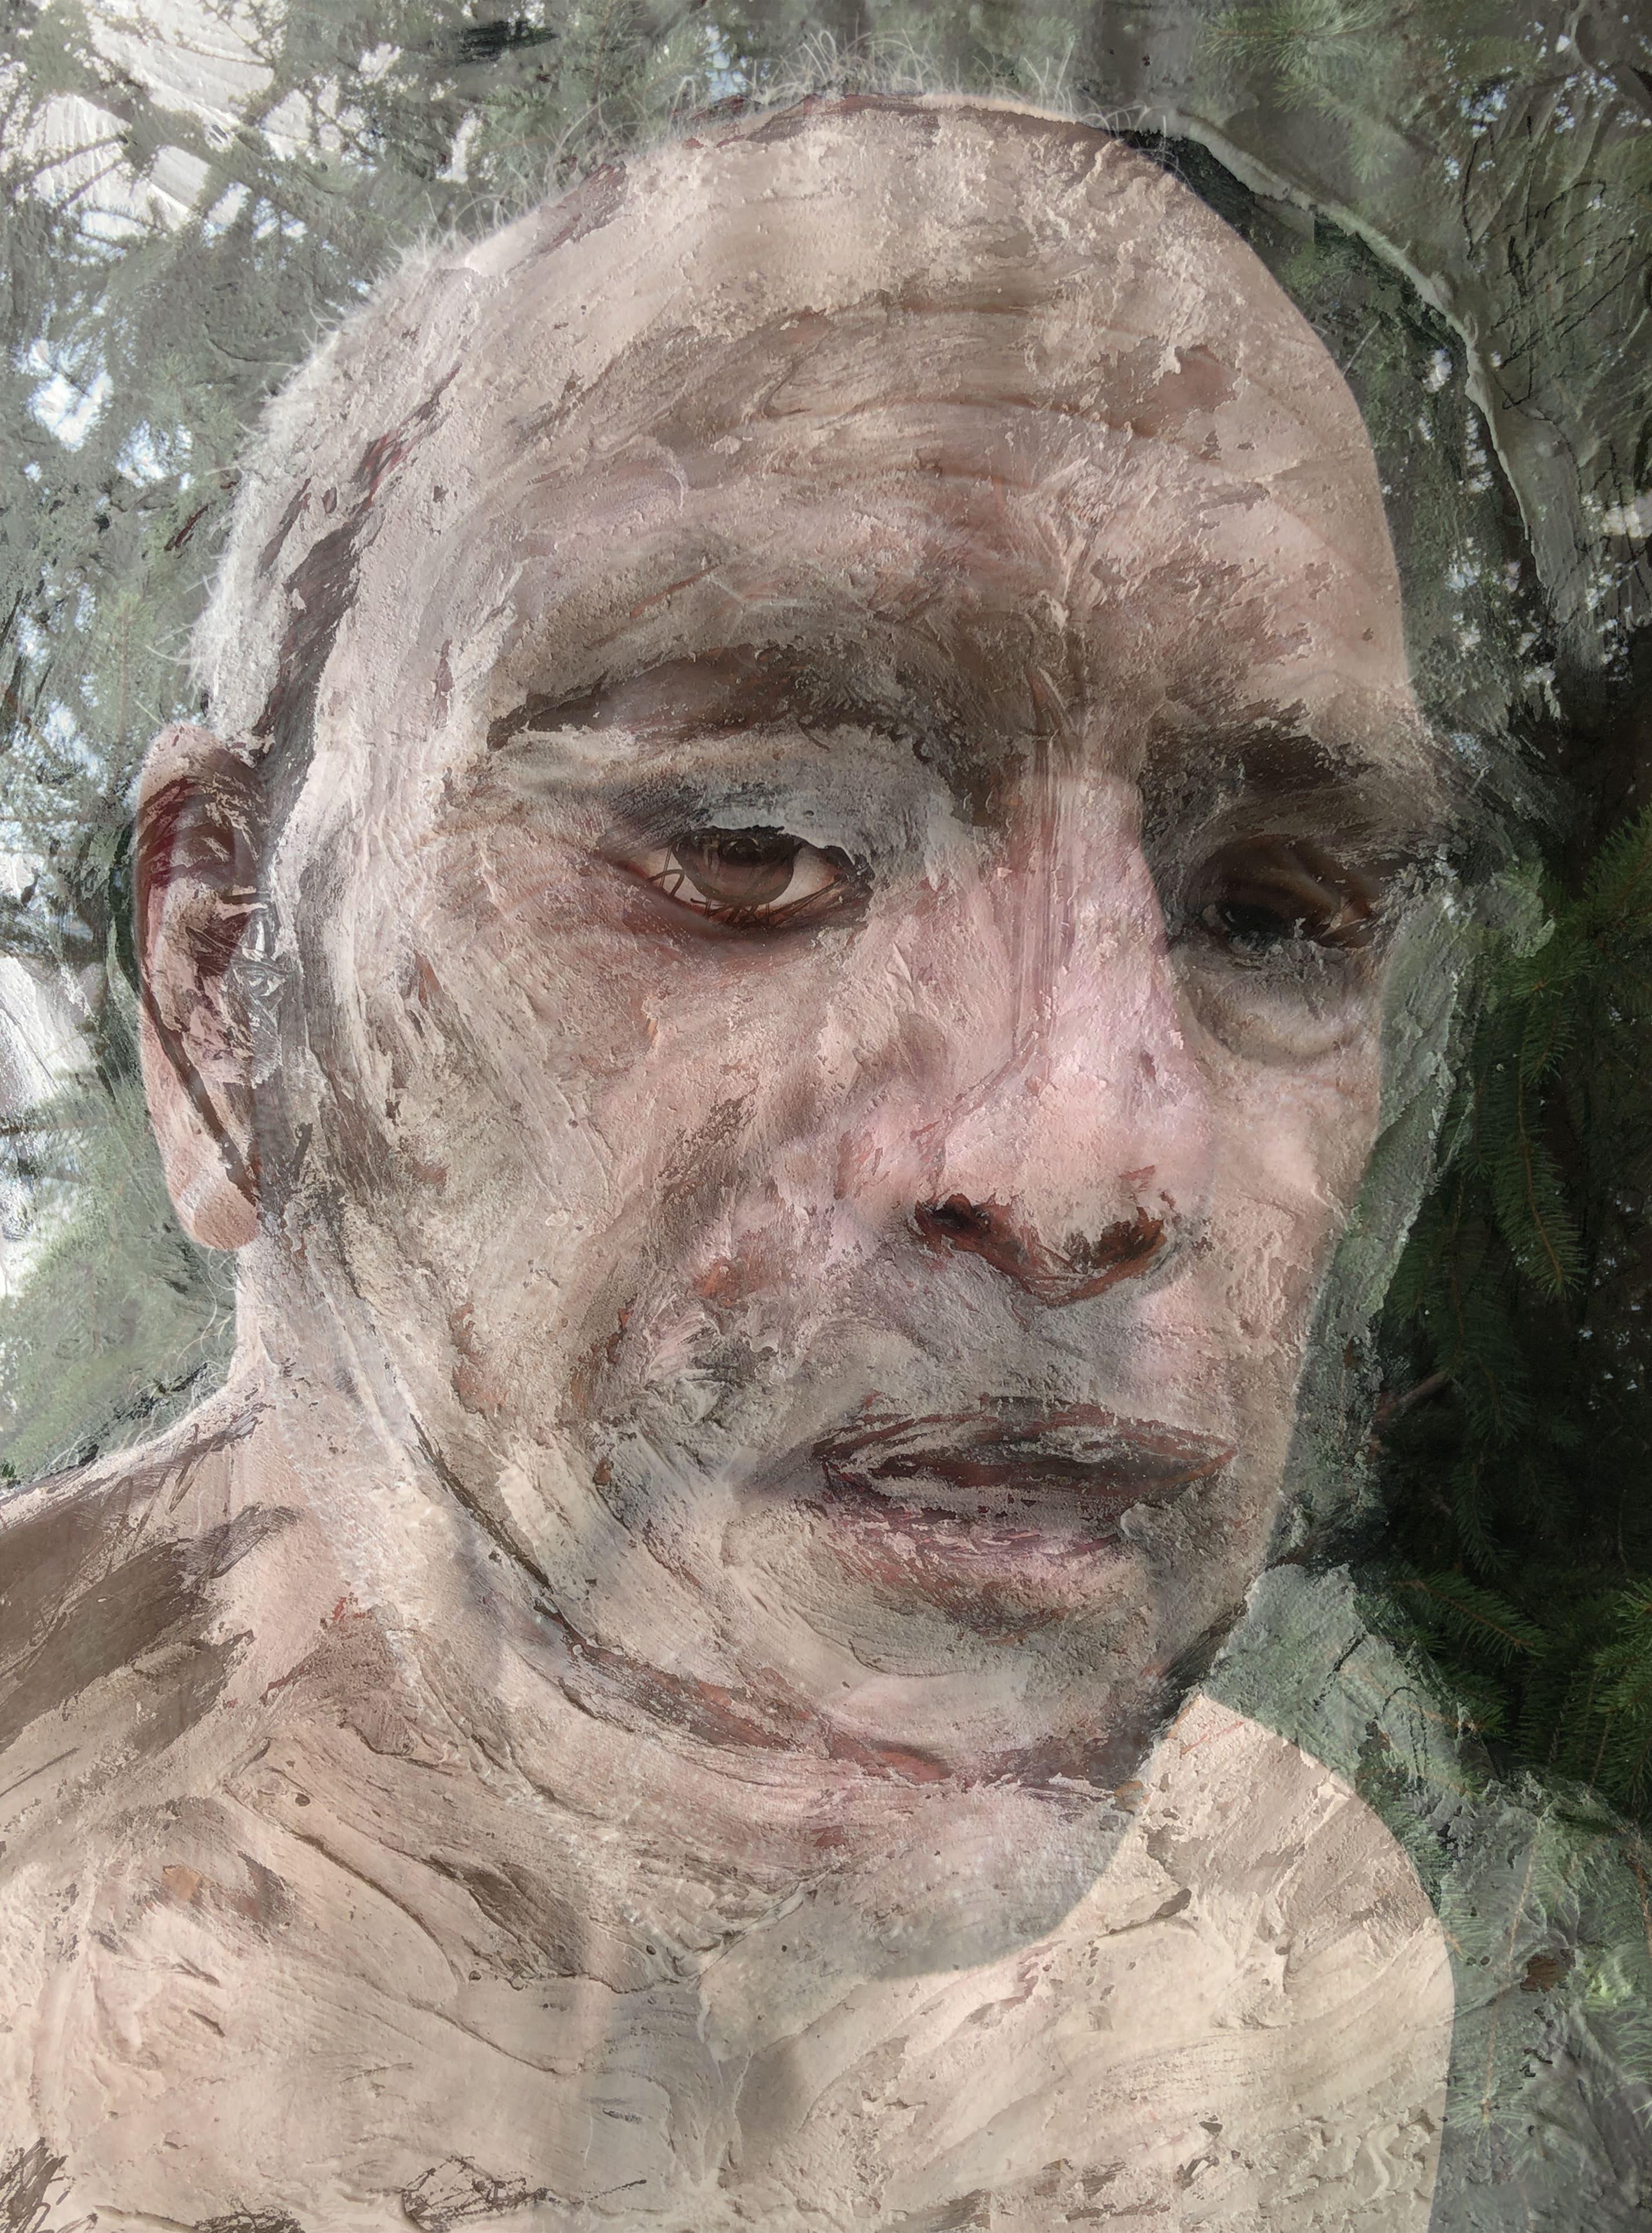 No-Self Portraits #1